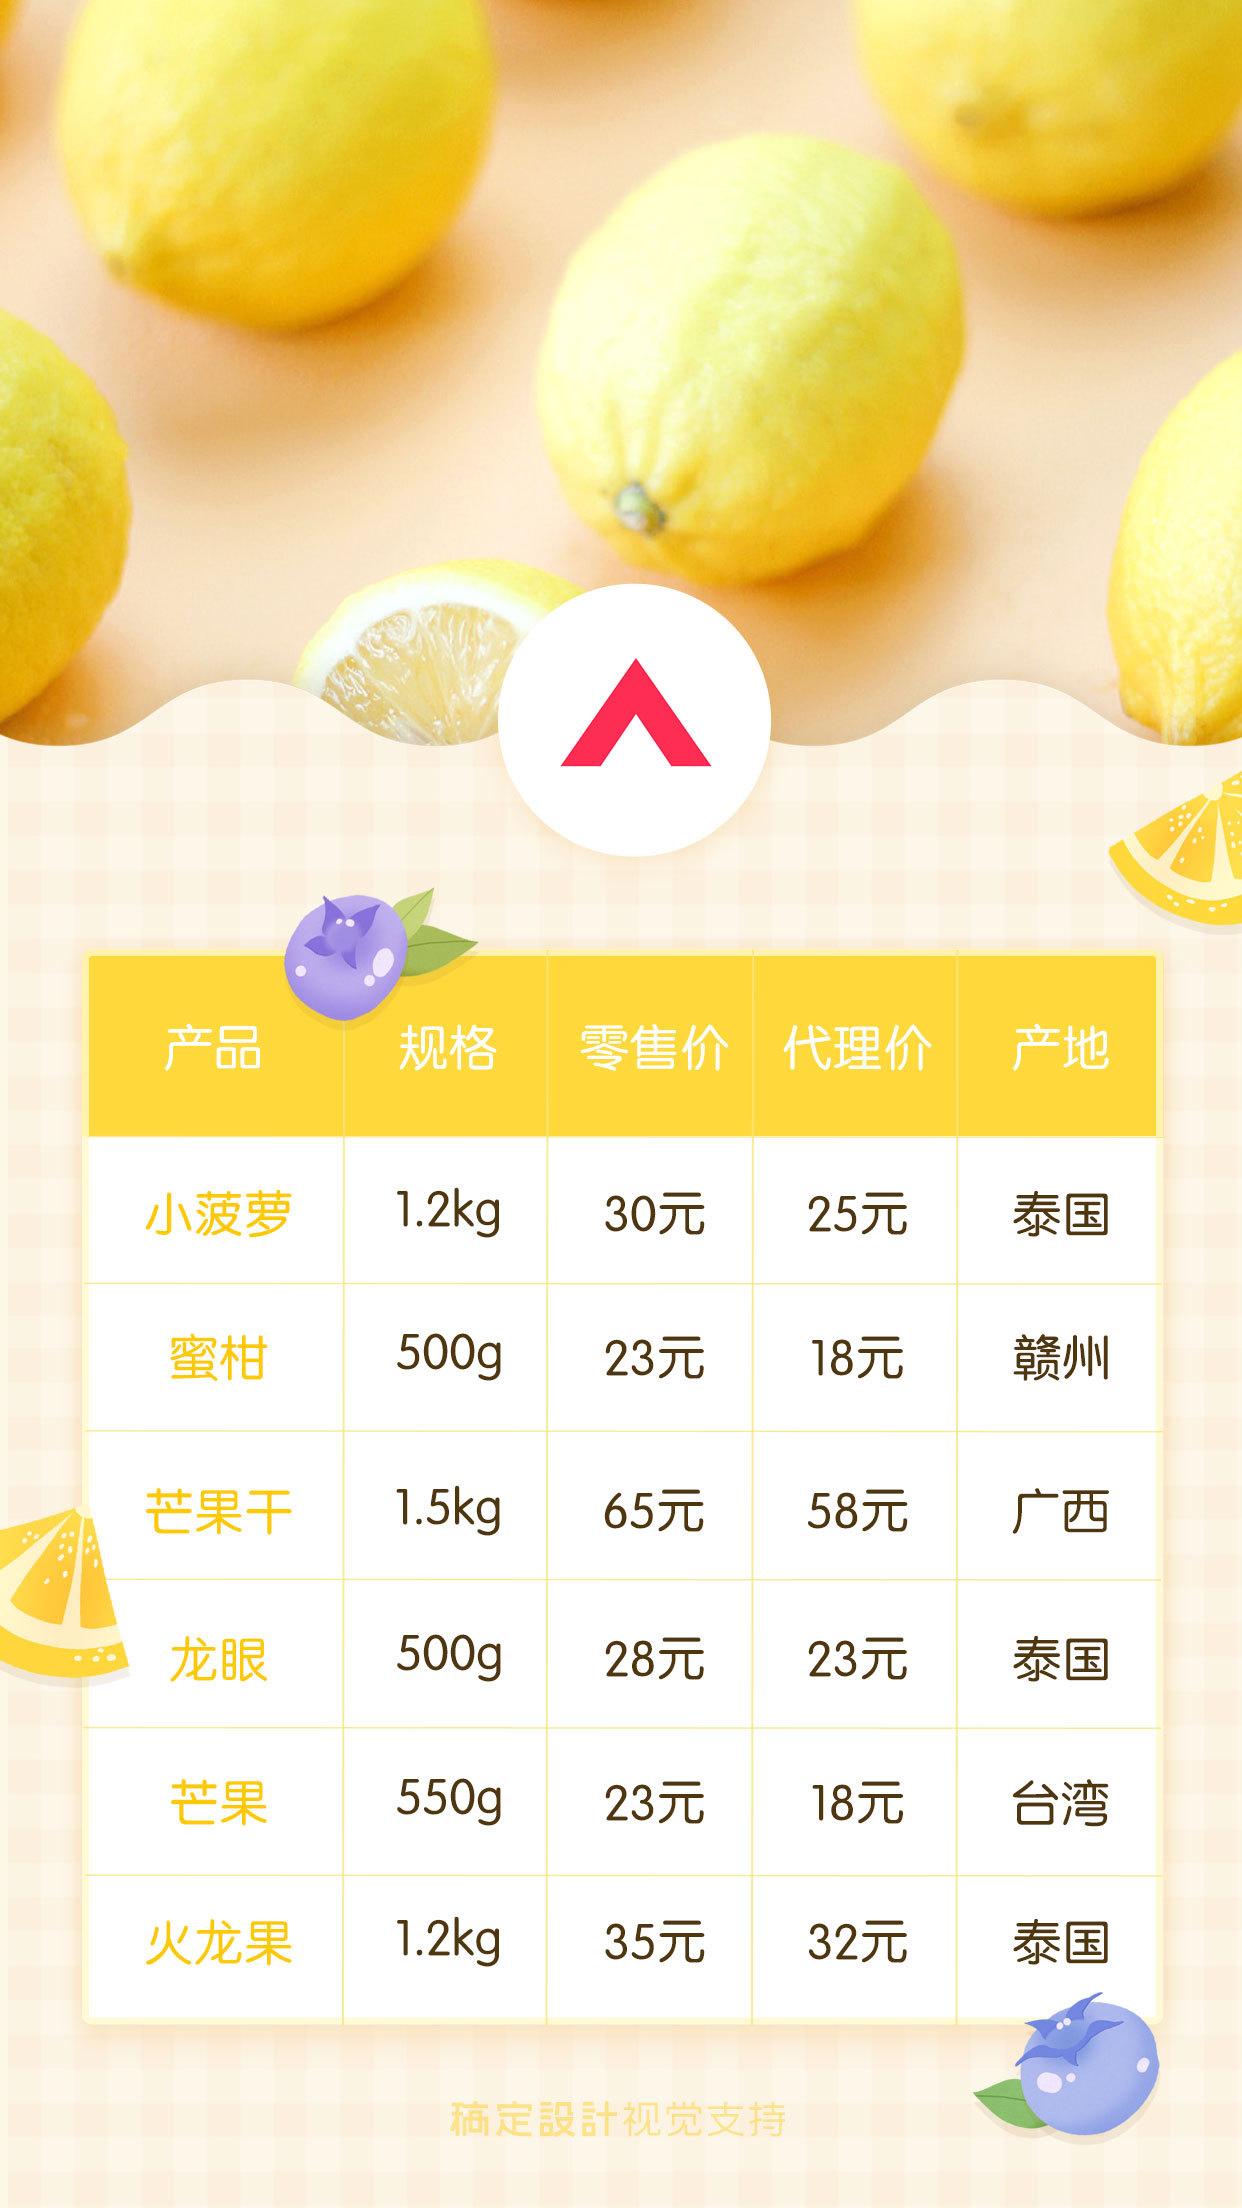 水果价目表长图